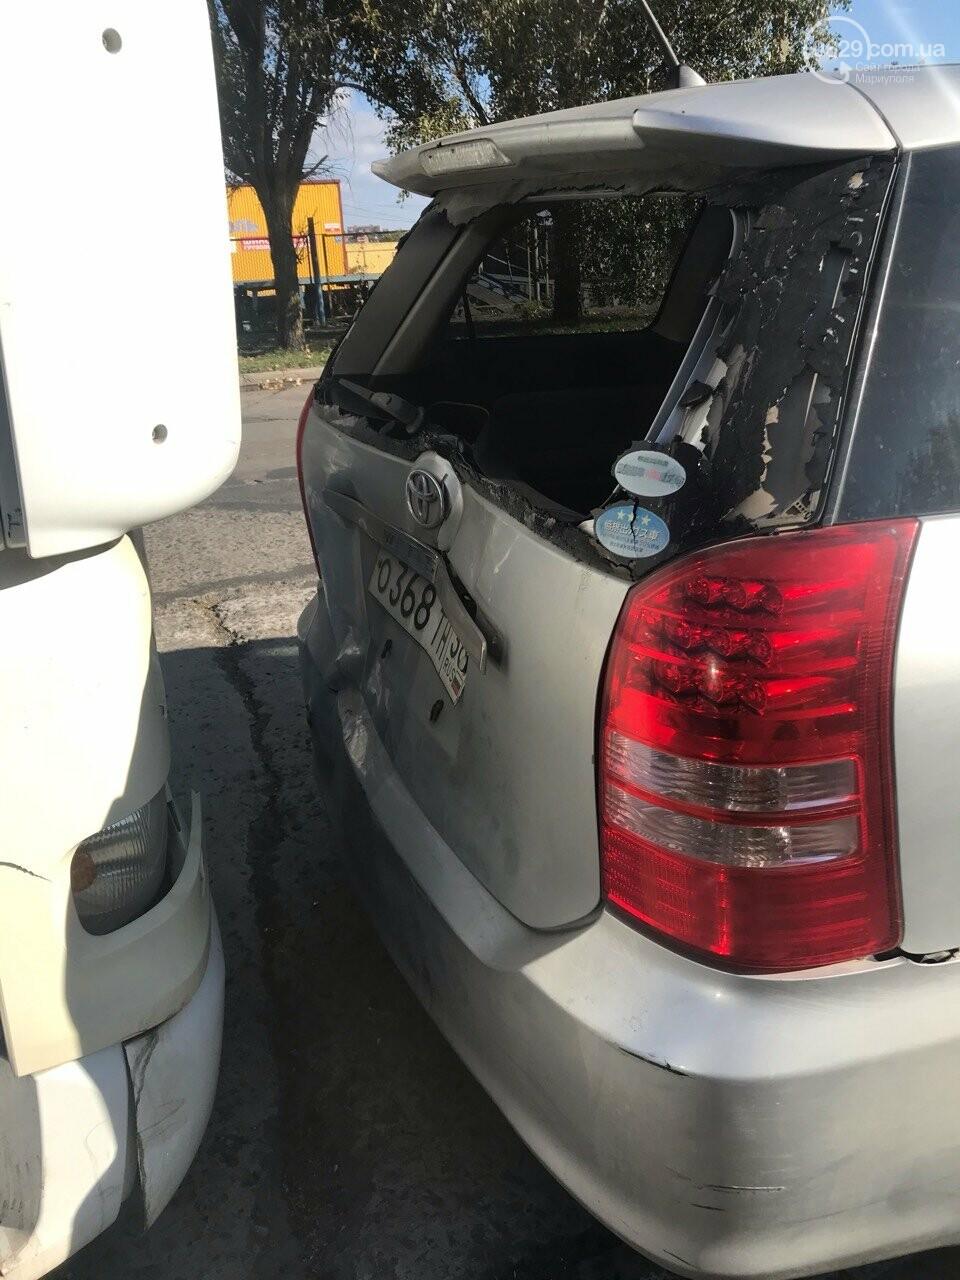 В Мариуполе слябовоз врезался в автомобиль, - ФОТО, фото-3